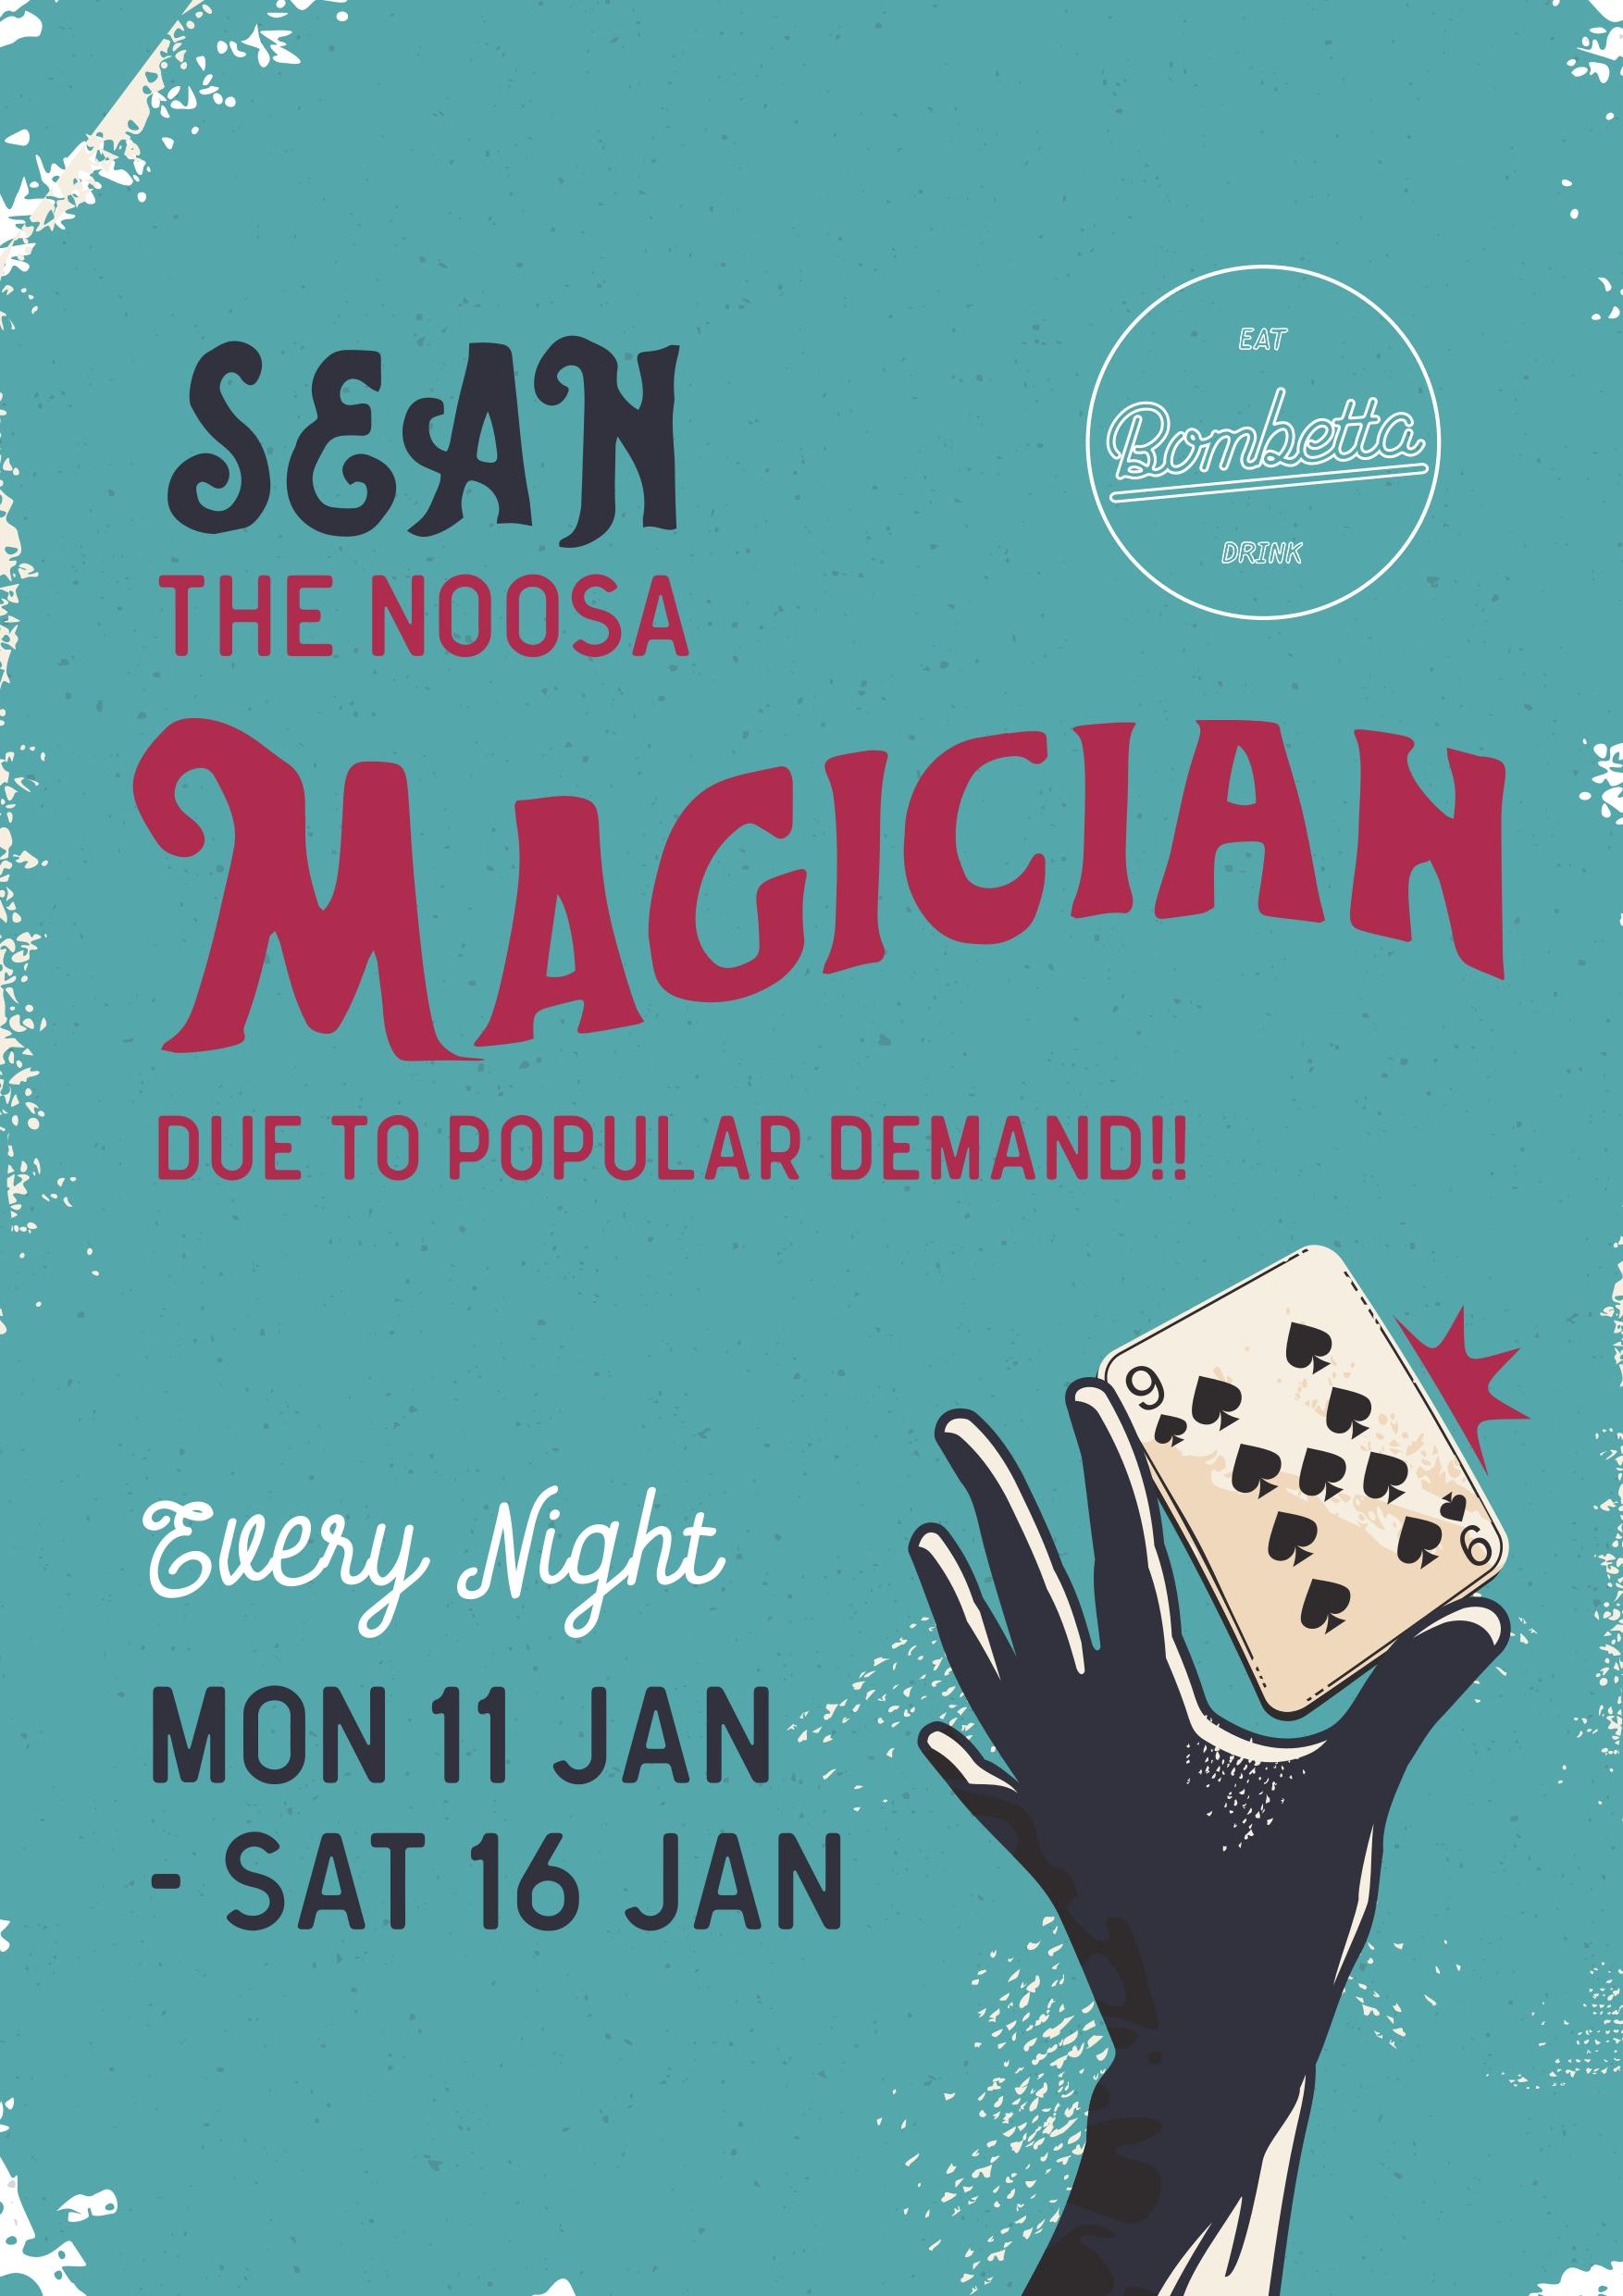 Sean Magician 2021 01 08